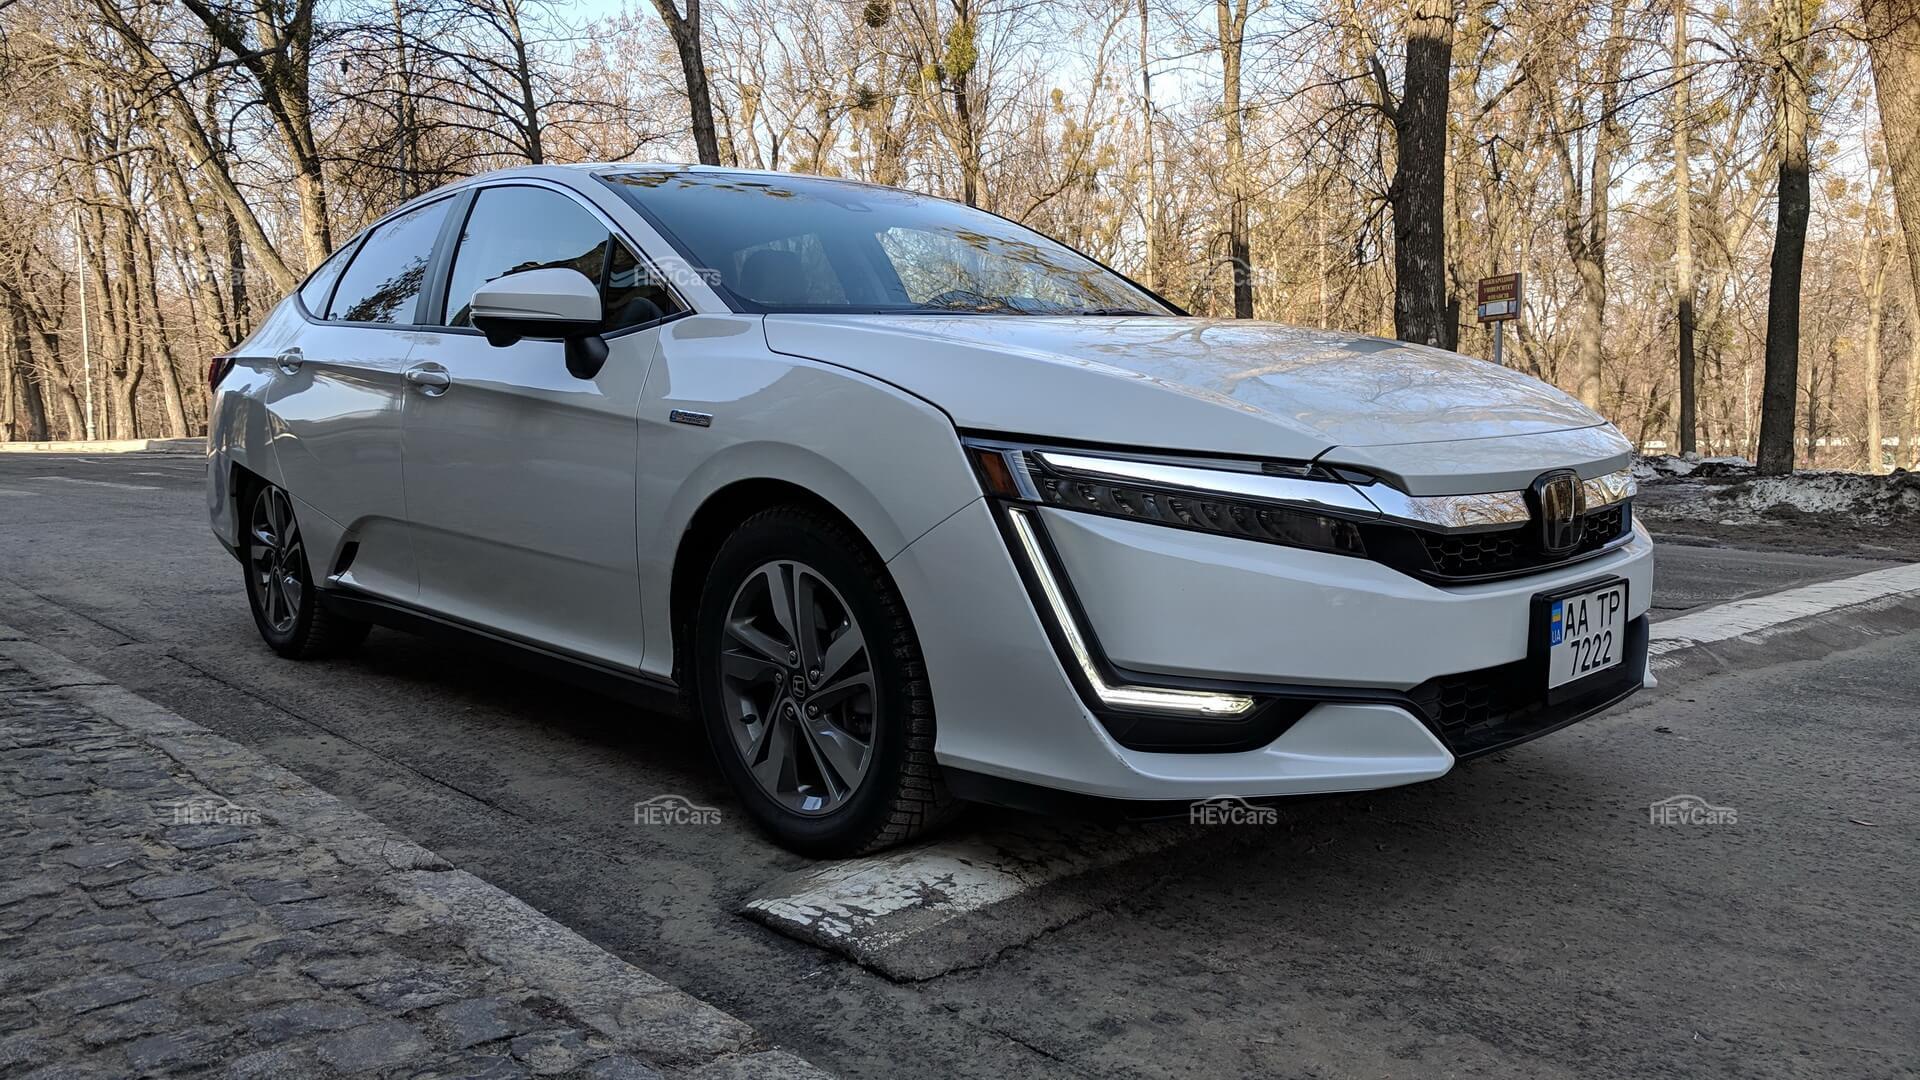 Экстерьер плагин-гибрида Honda Clarity